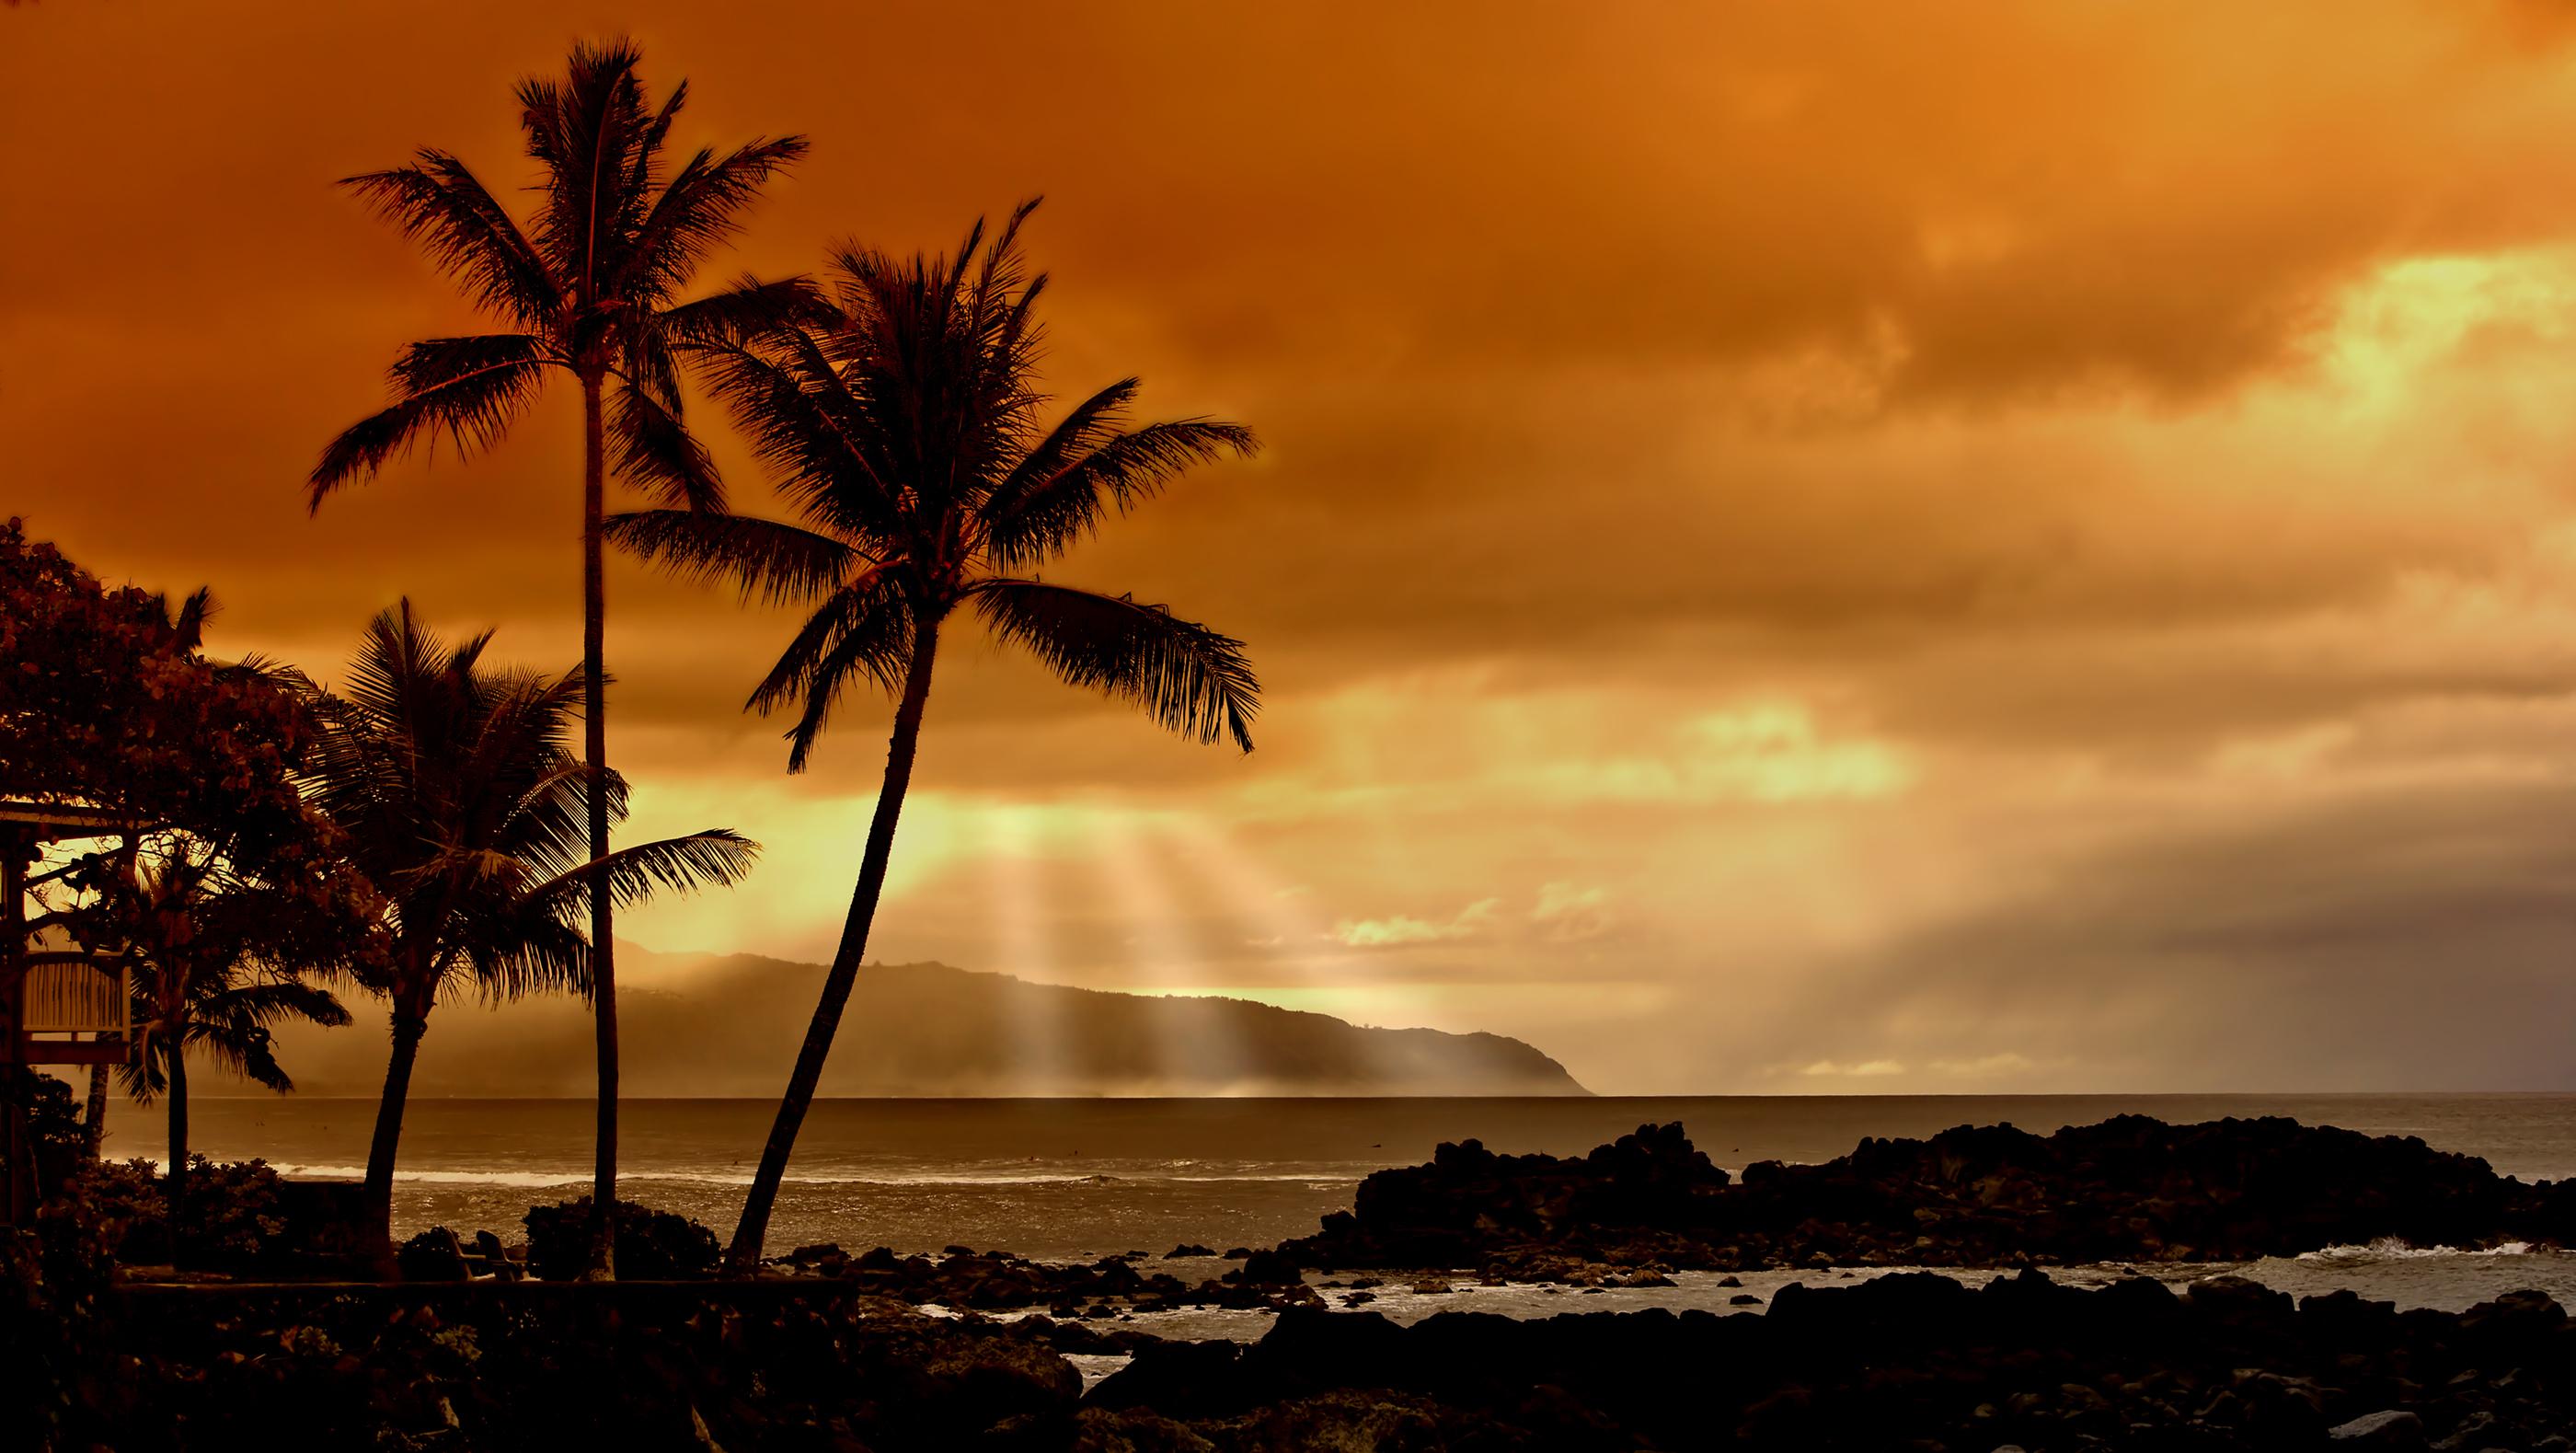 Hawaiian Beach Sunset Wallpaper Background: Tropical Sunset By Descovery On DeviantArt